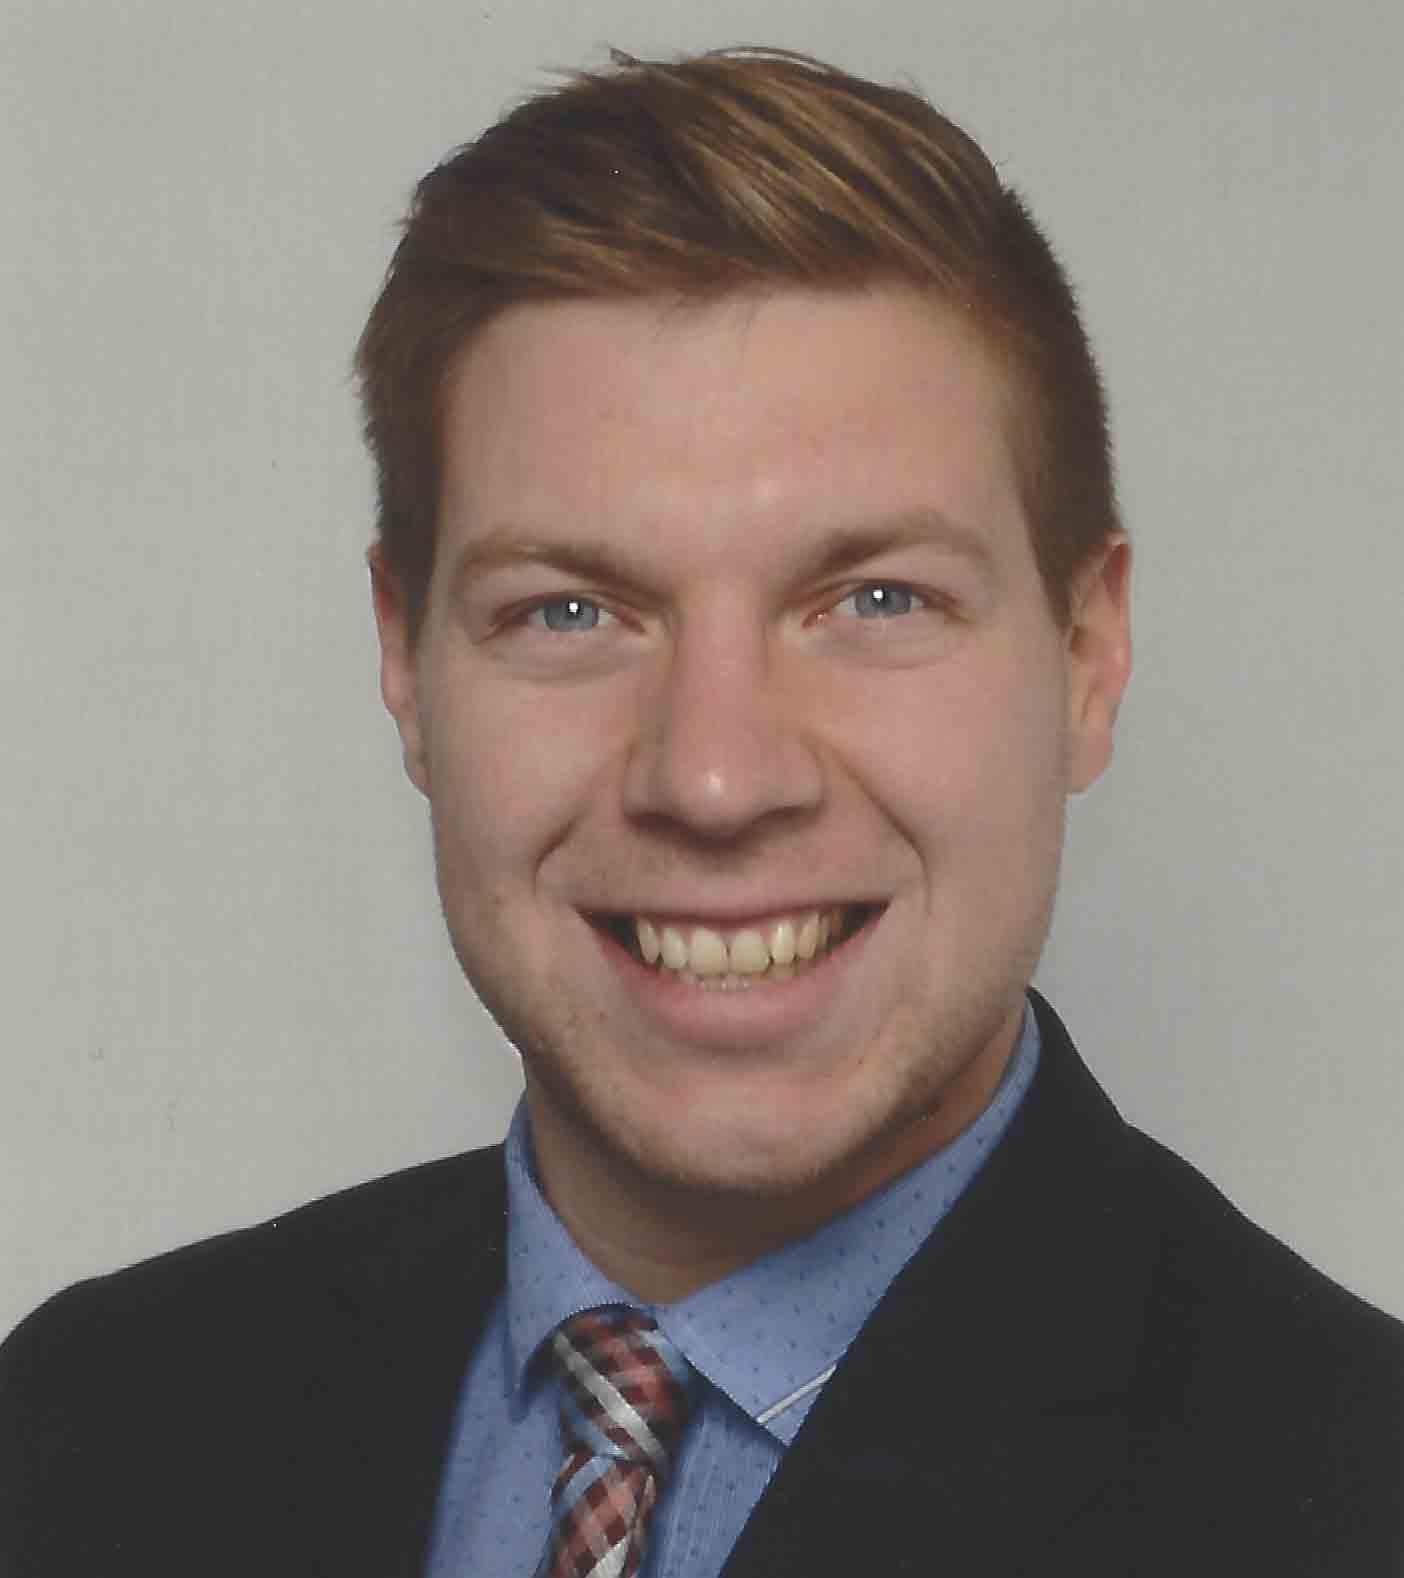 Michael Datzberger